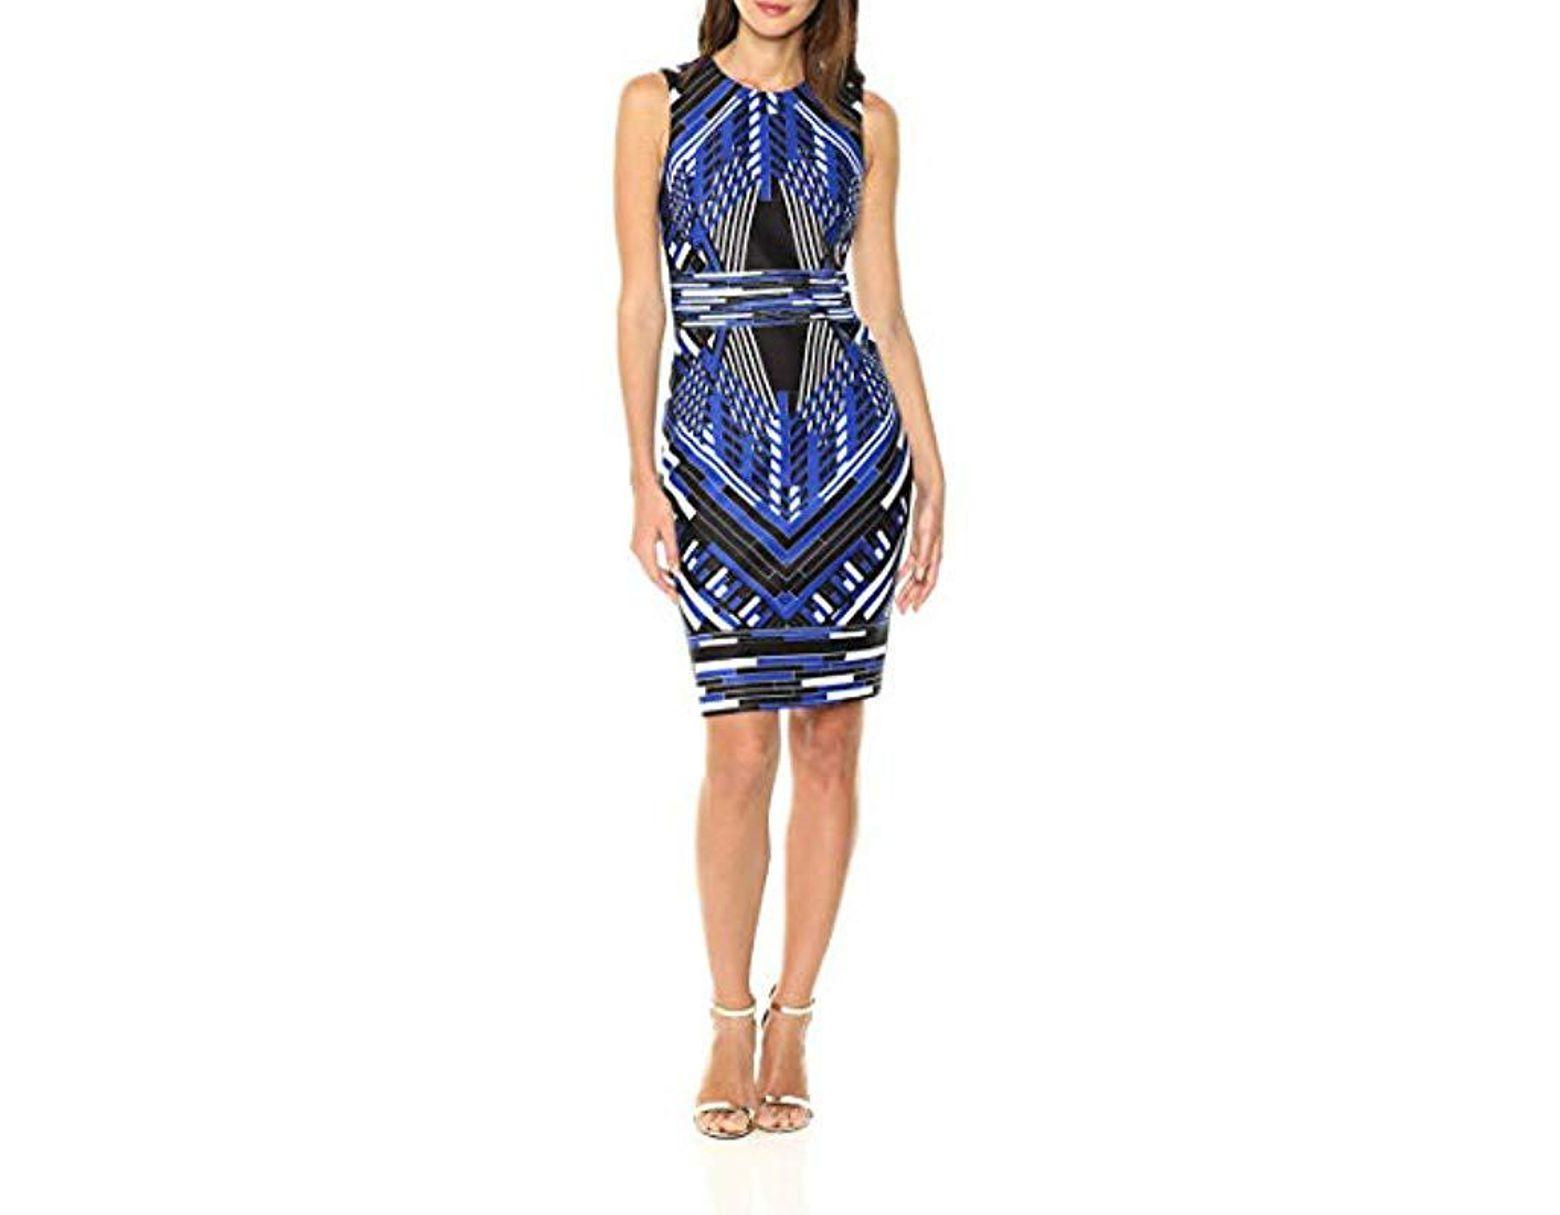 e0ad83894017a3 Calvin Klein Floral Applique Sheath Dress in Blue - Save 60% - Lyst